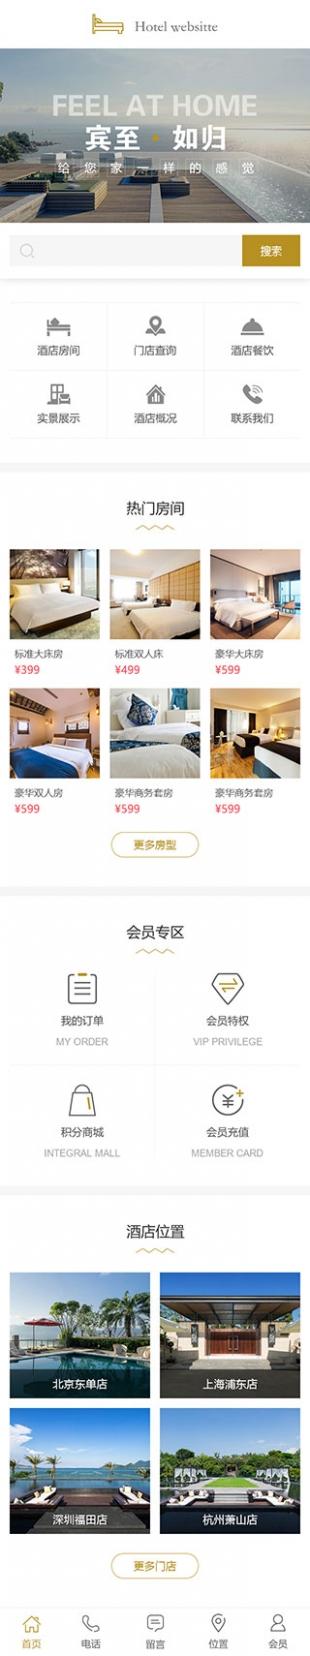 酒店服务类网站通用模板手机图片